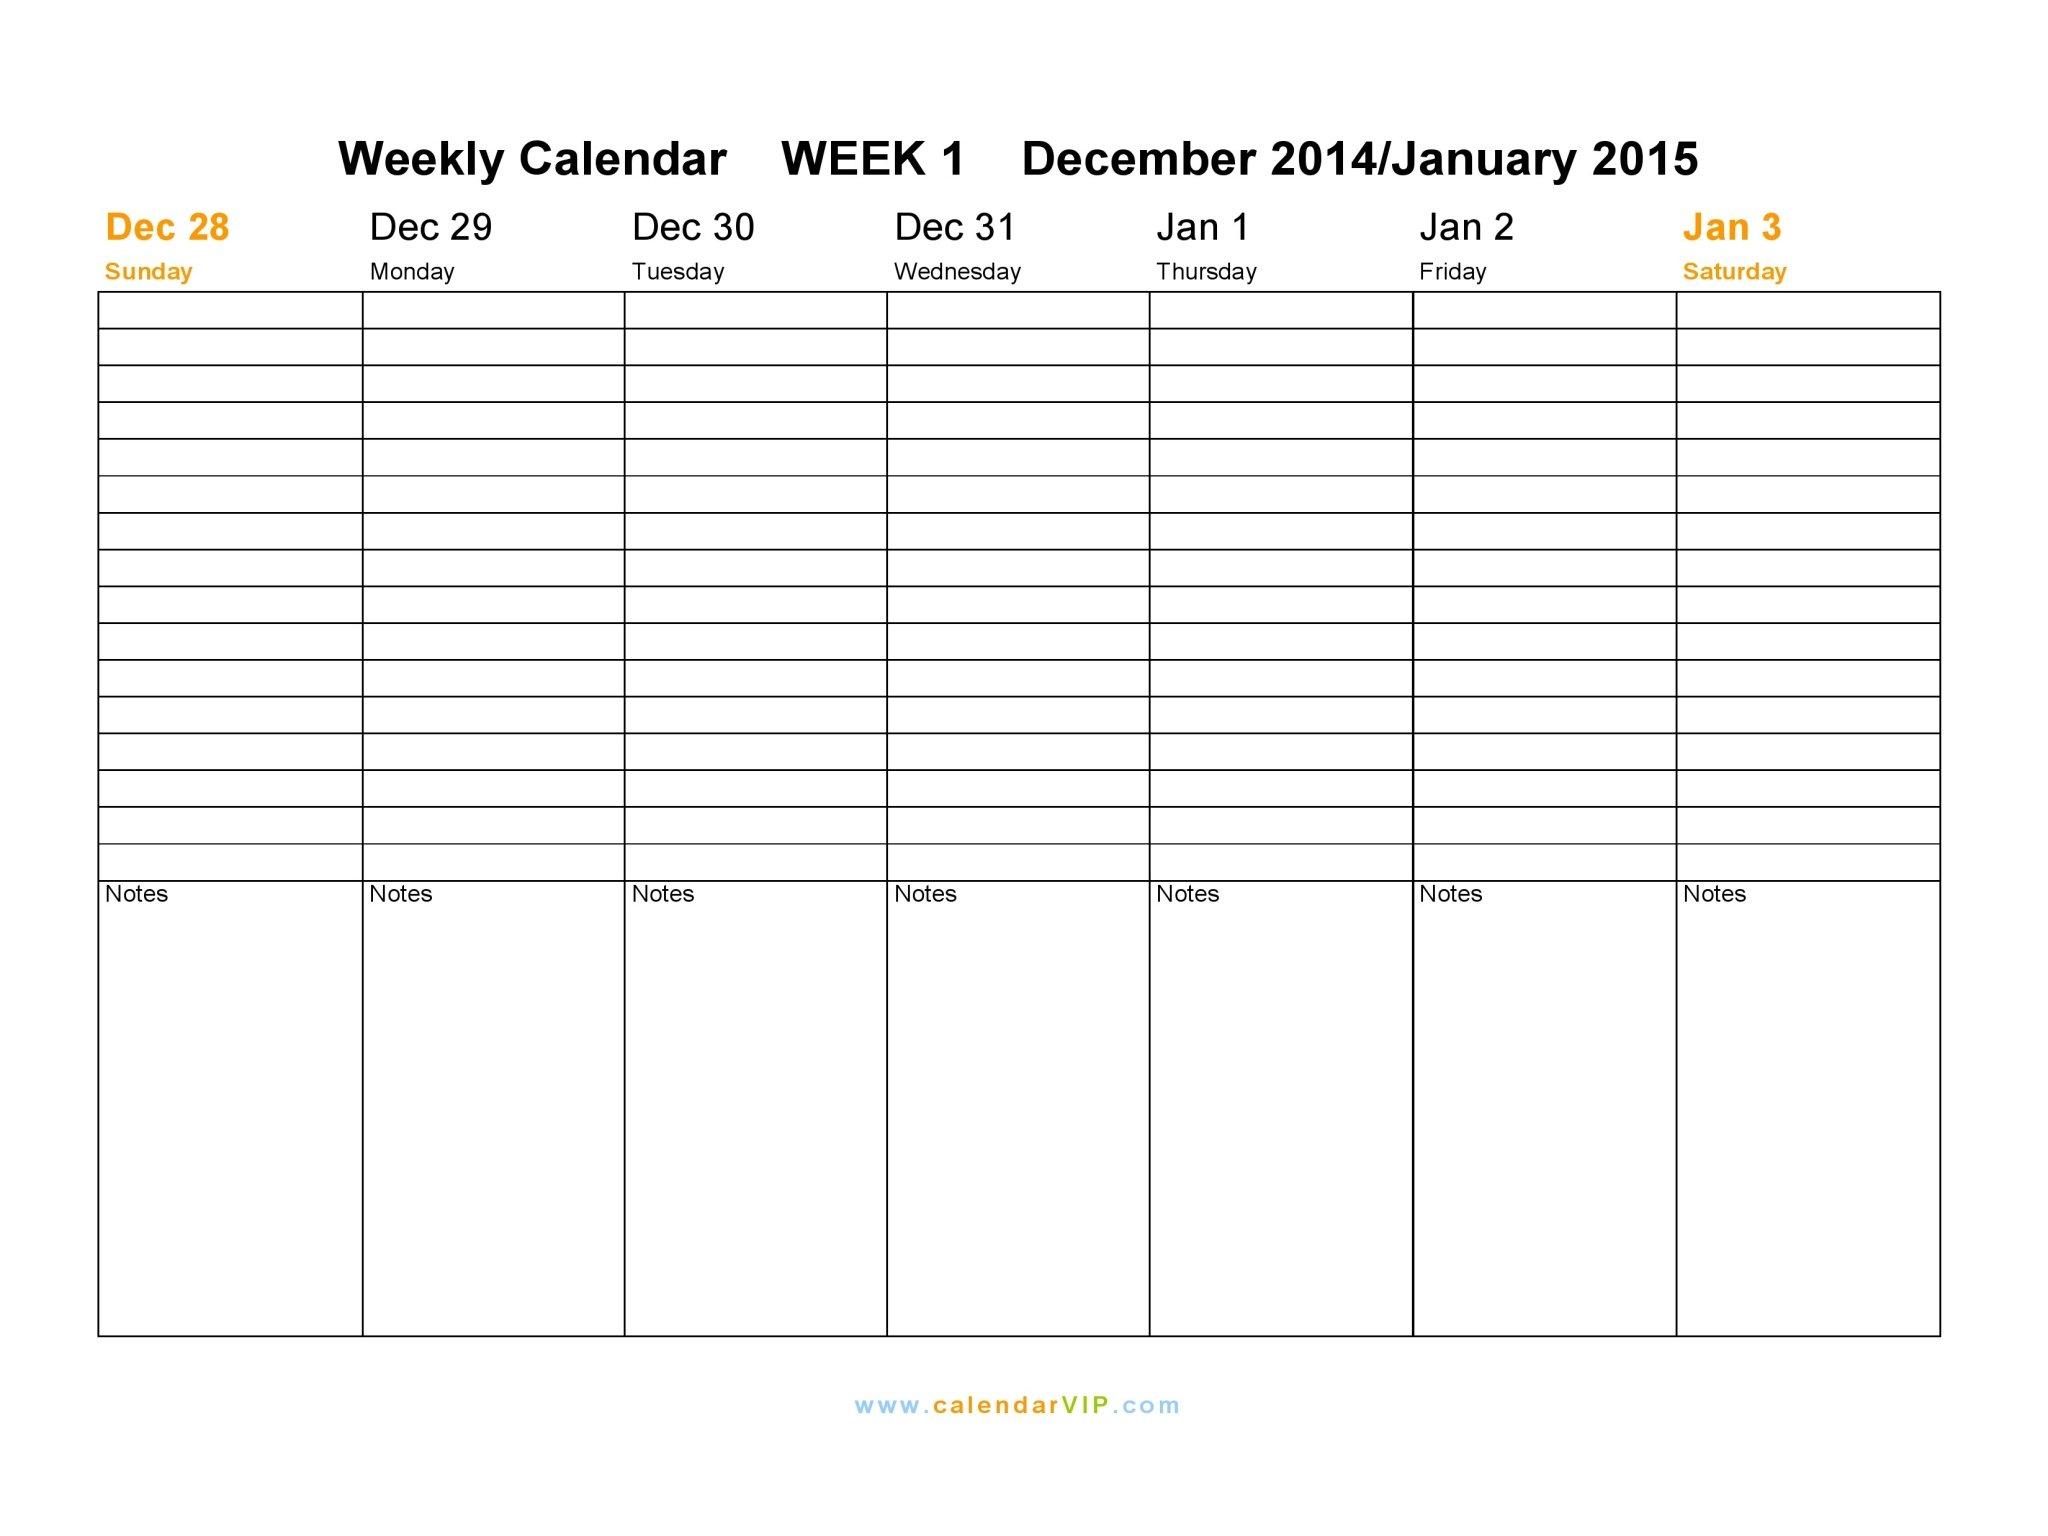 Weekly Calendar 2015 – Free Weekly Calendar Templates Printable Time Calendar 1 Week